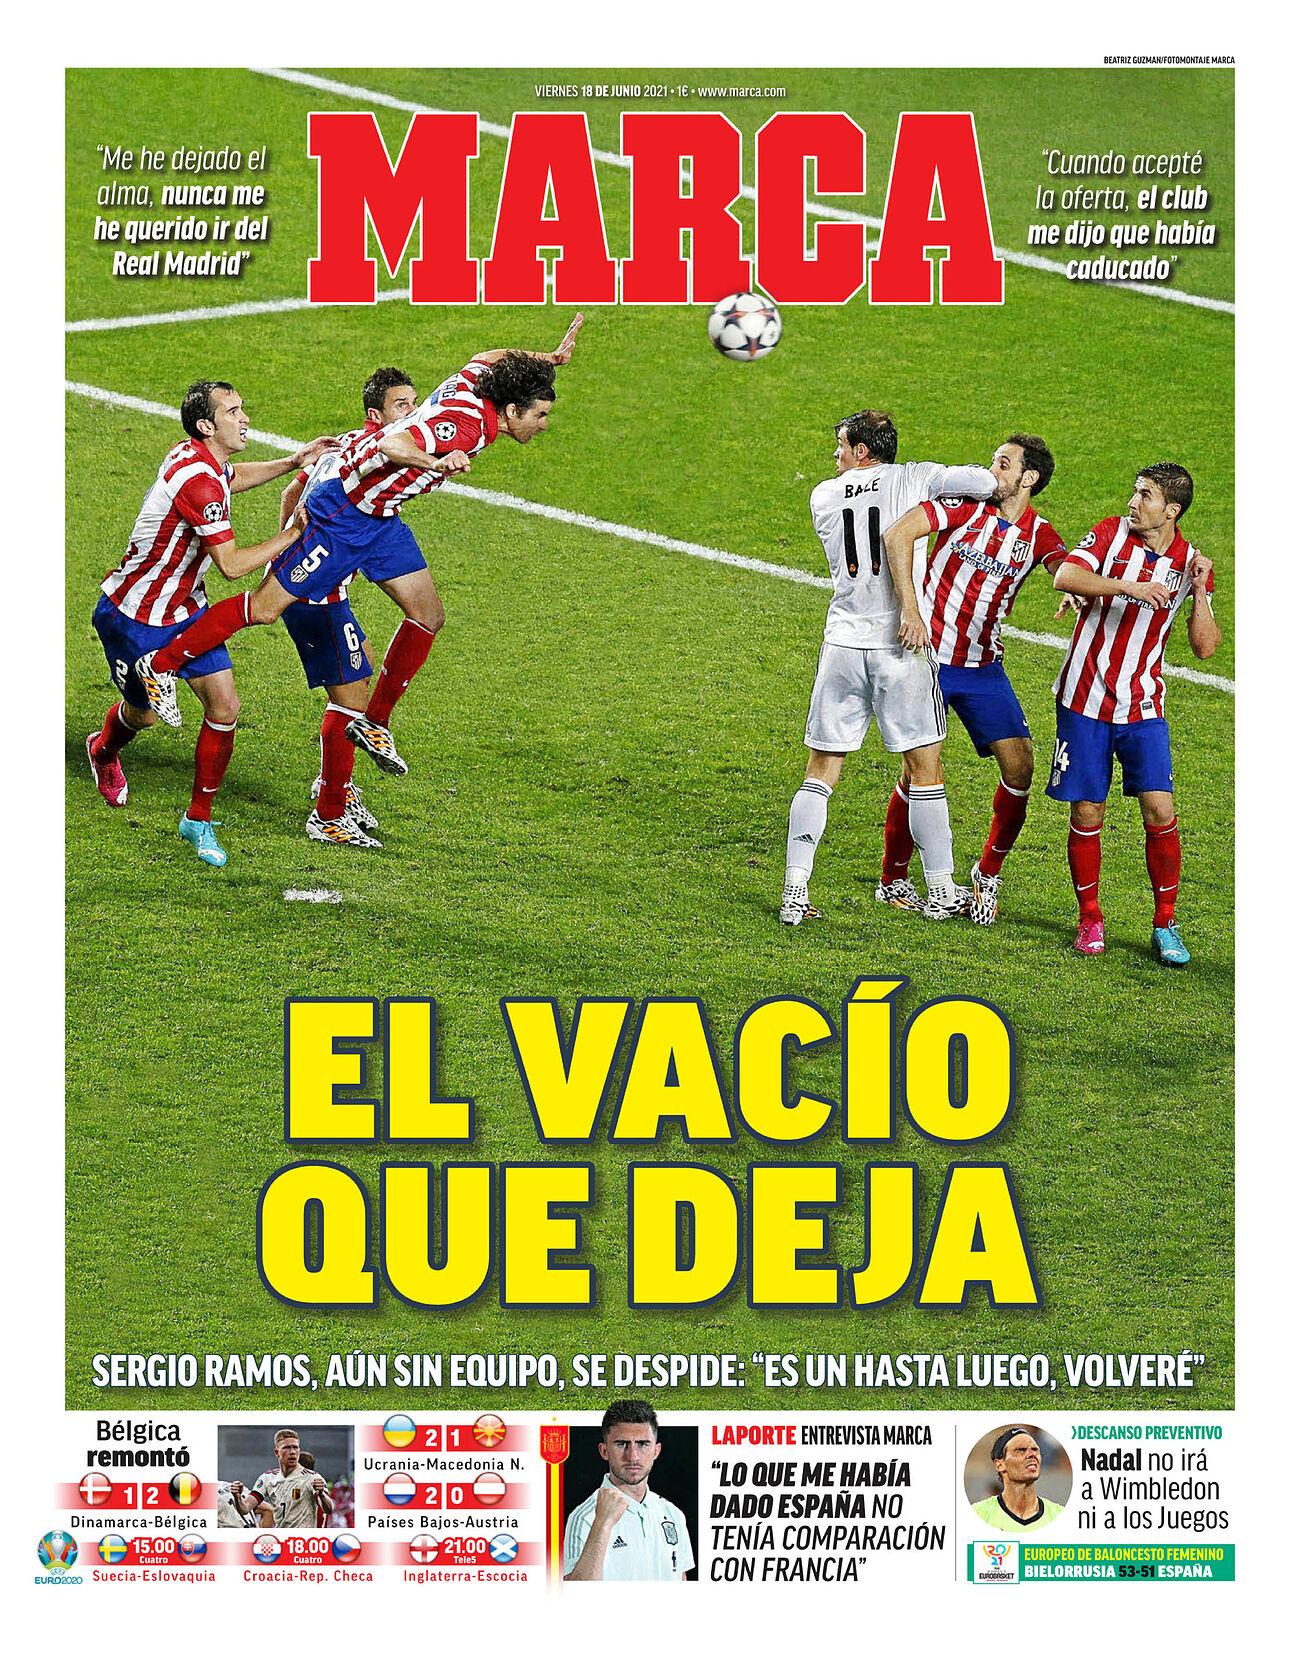 روزنامه های اسپانیایی